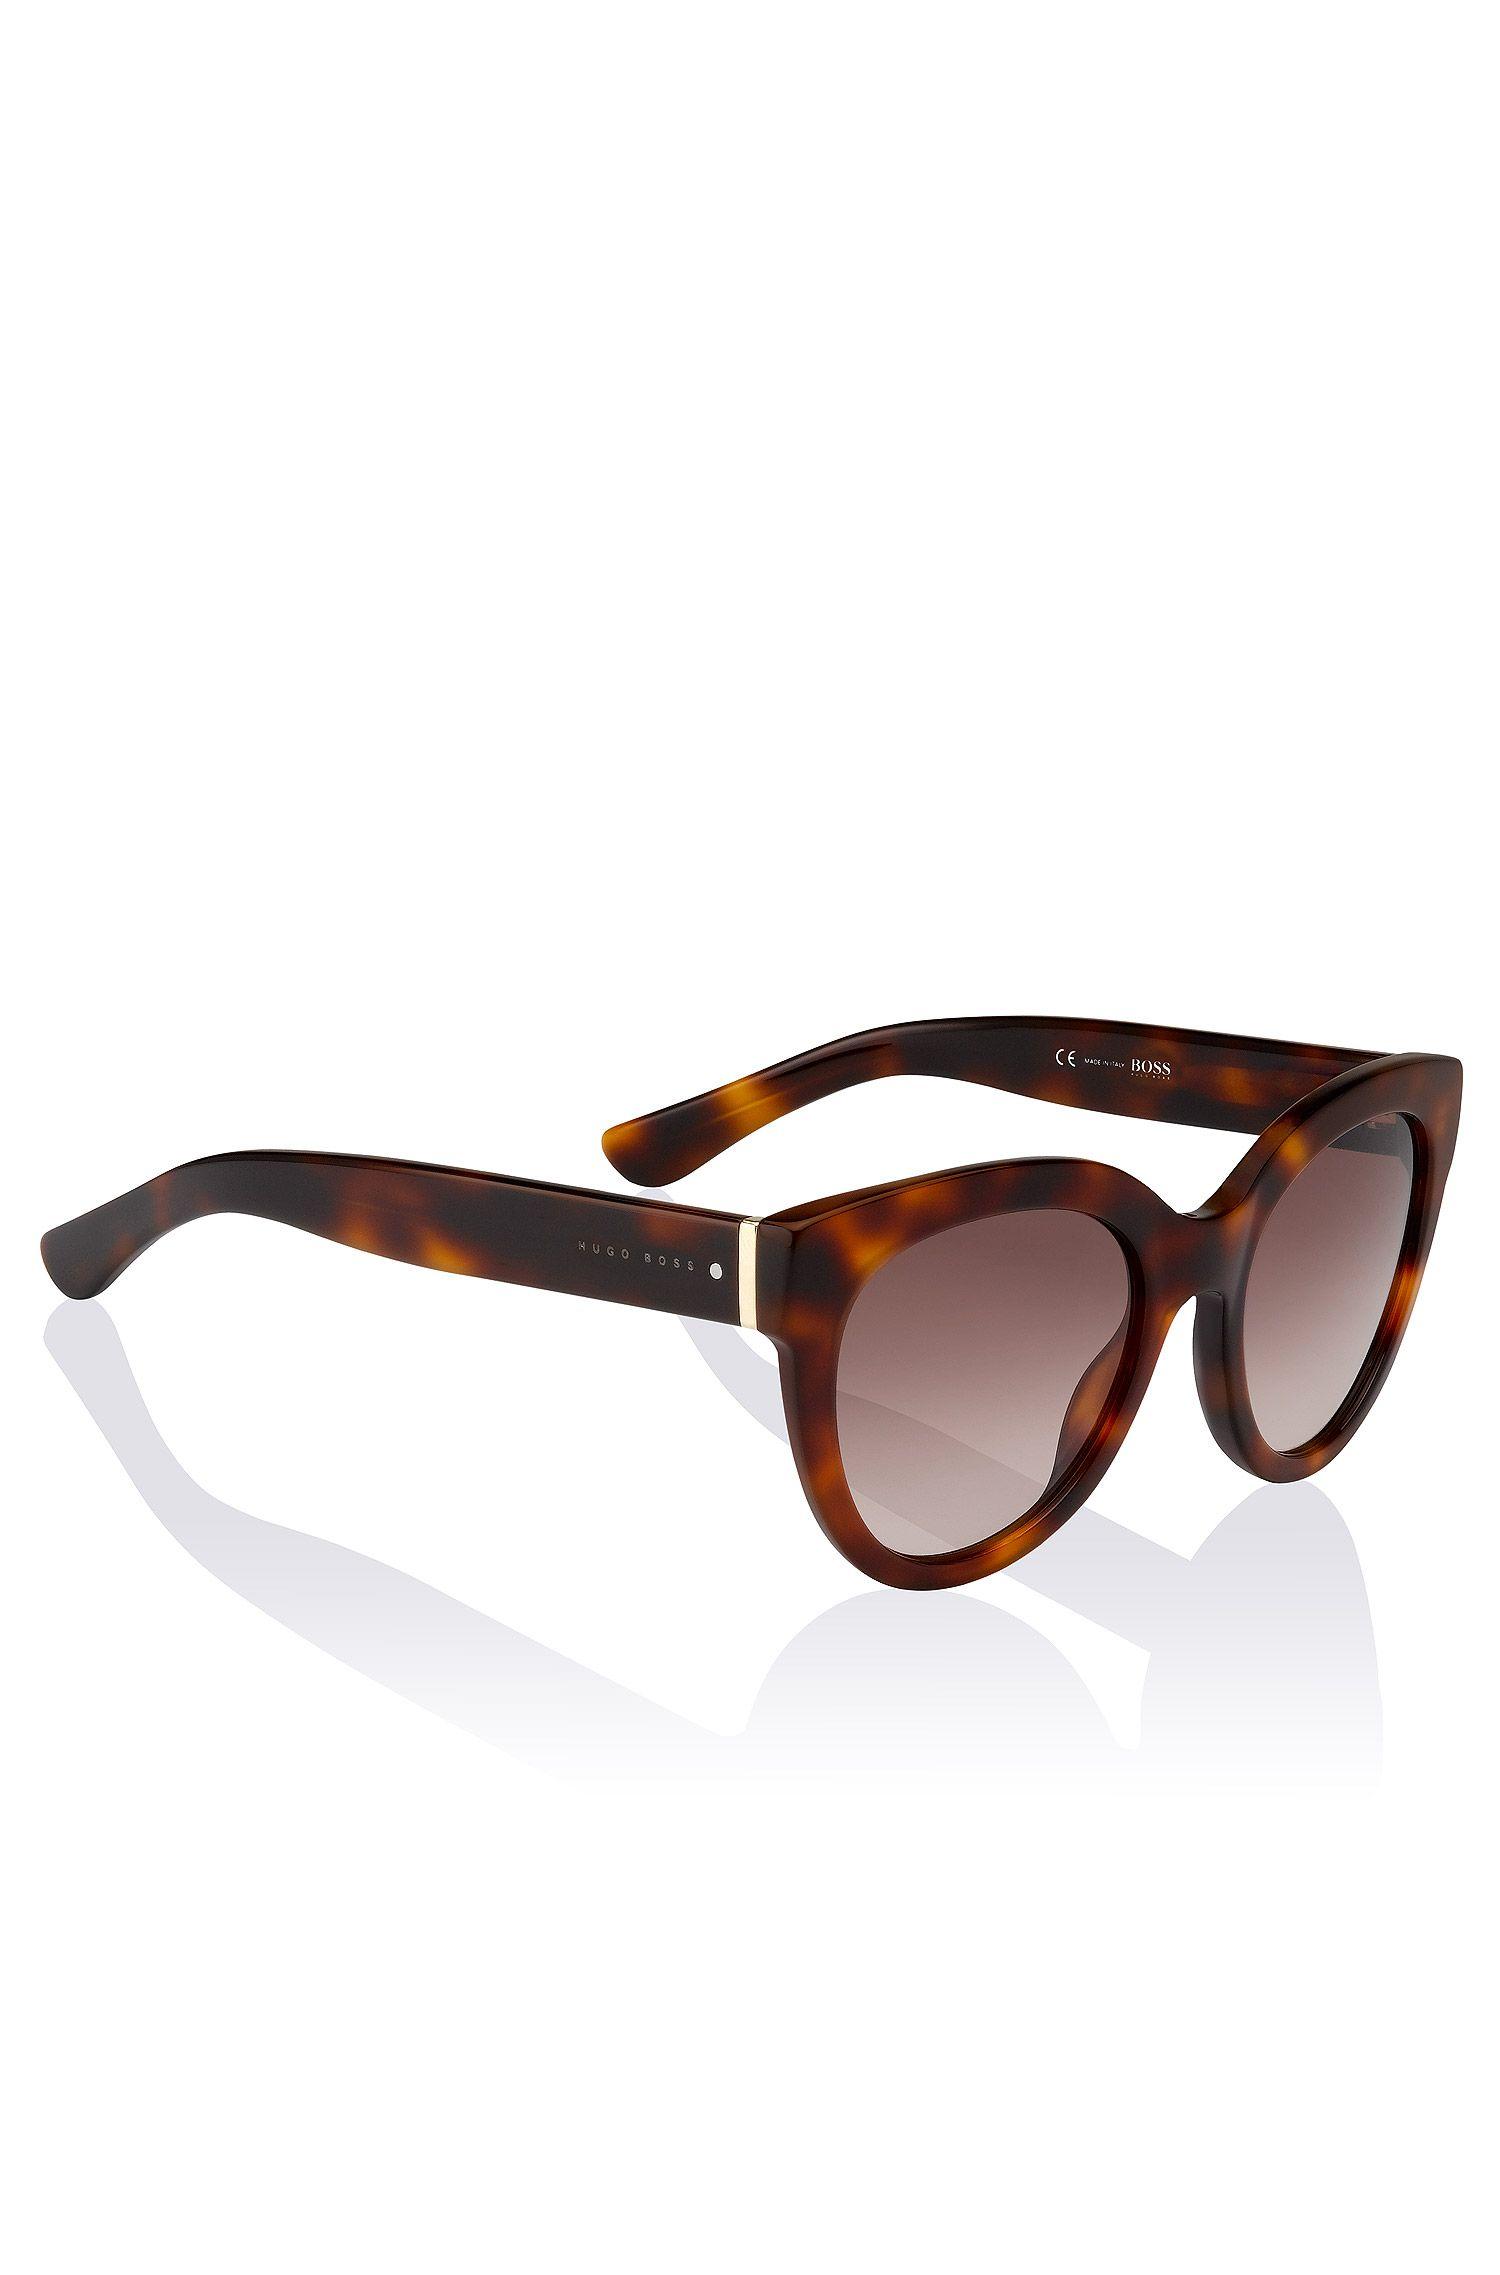 Gafas de sol estilo ojos de gato 'BOSS 0675' en acetato y metal